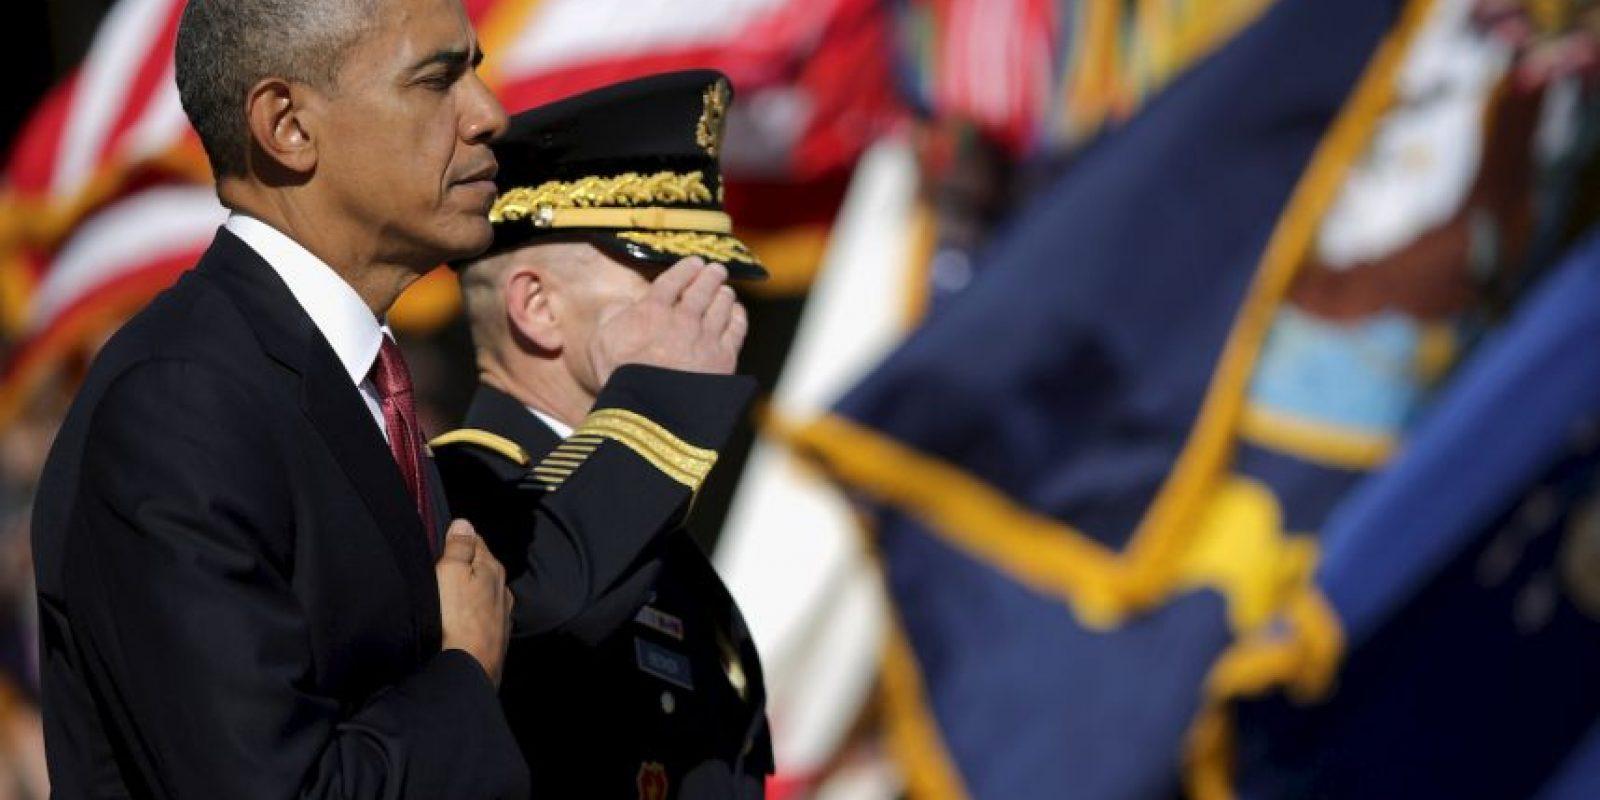 """""""En estos terrenos sagrados, donde generaciones de héroes han venido a descansar, recordamos a todos los que hicieron el máximo sacrificio por nuestra nación"""", destacó Obama durante la ceremonia del miércoles. Foto:Getty Images"""